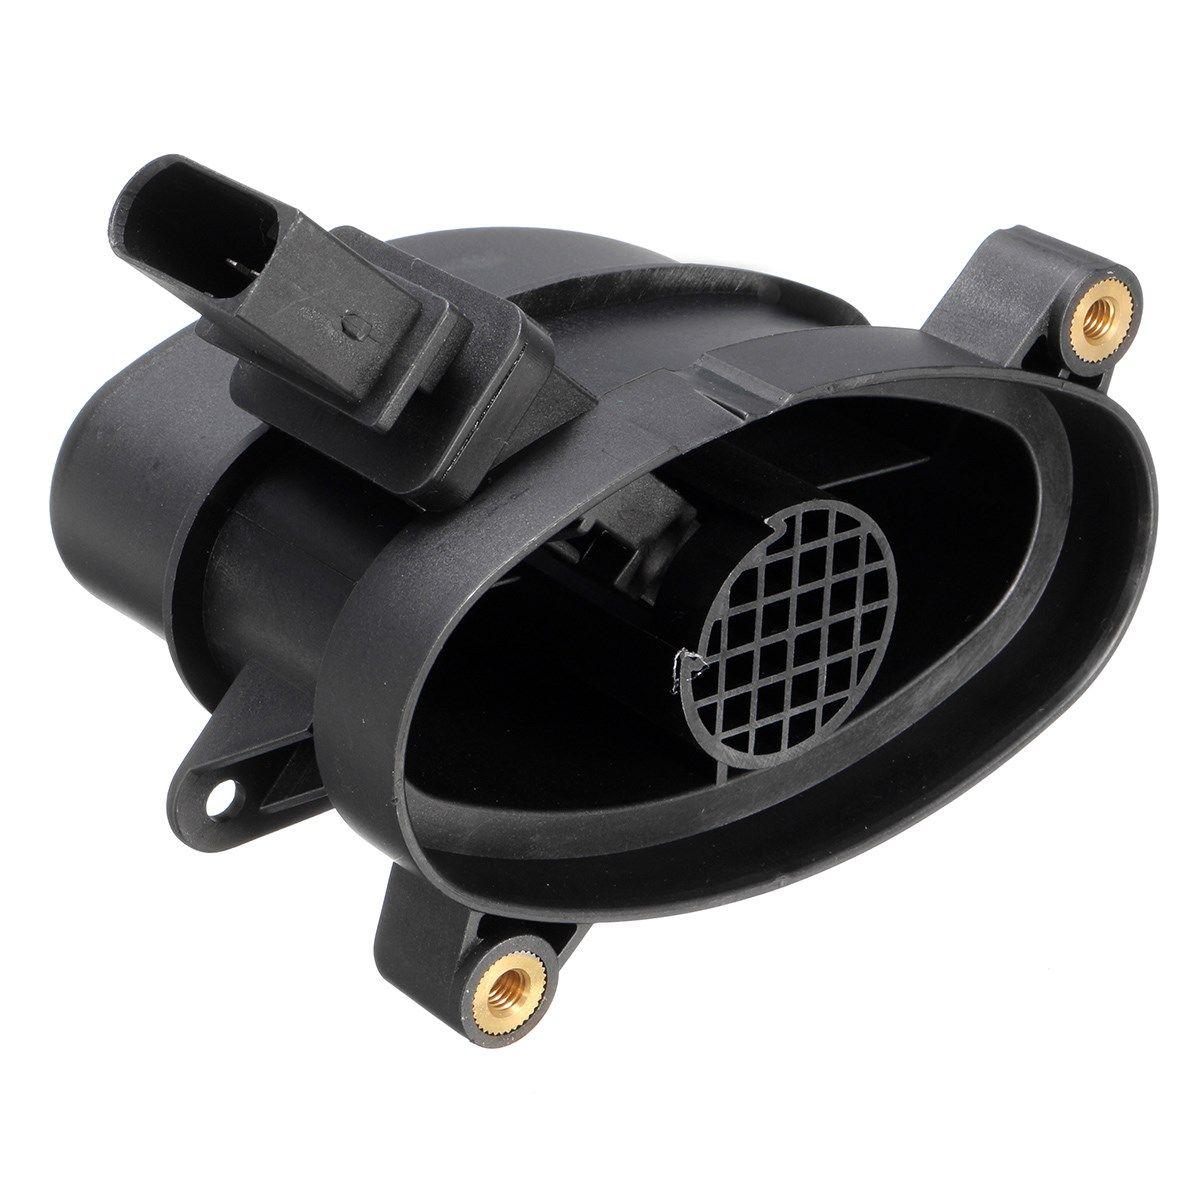 Mass Air Flow Meter Sensor For BMW 1 3 5 7 Series E60 E61 X5 X6 13627788744 0928400529